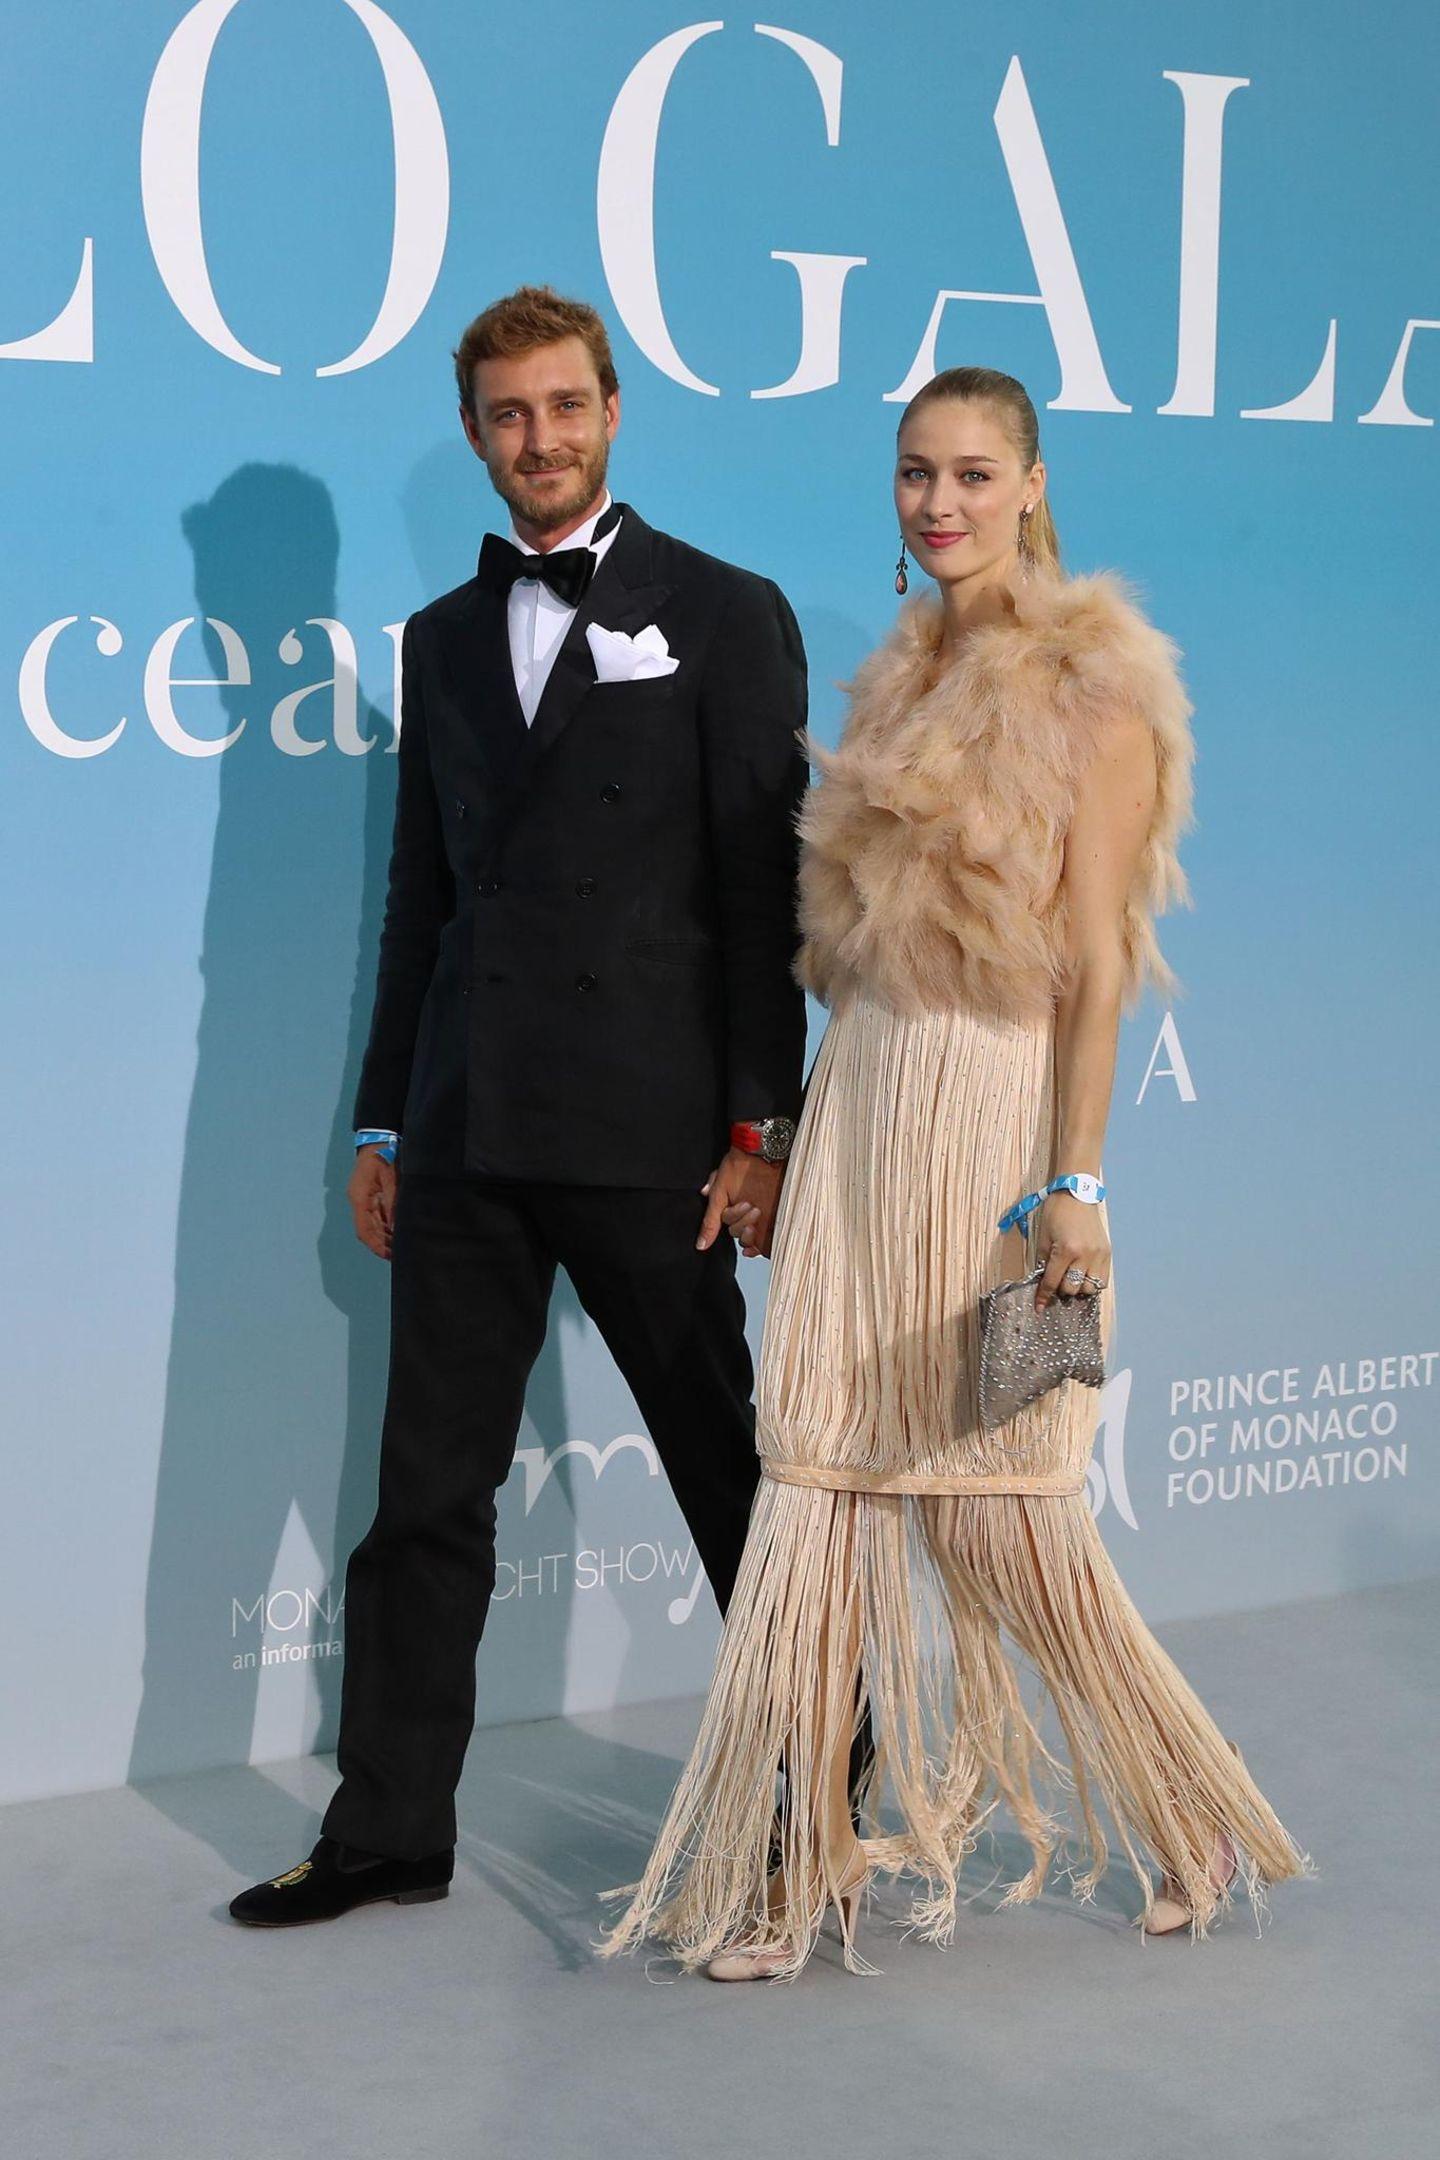 Mit eleganten Fransen und Federn bringt Pierre Casiraghis schöne Frau Beatrice Borromeo einen Hauch der Zwanziger Jahre auf dieCharity-Gala.